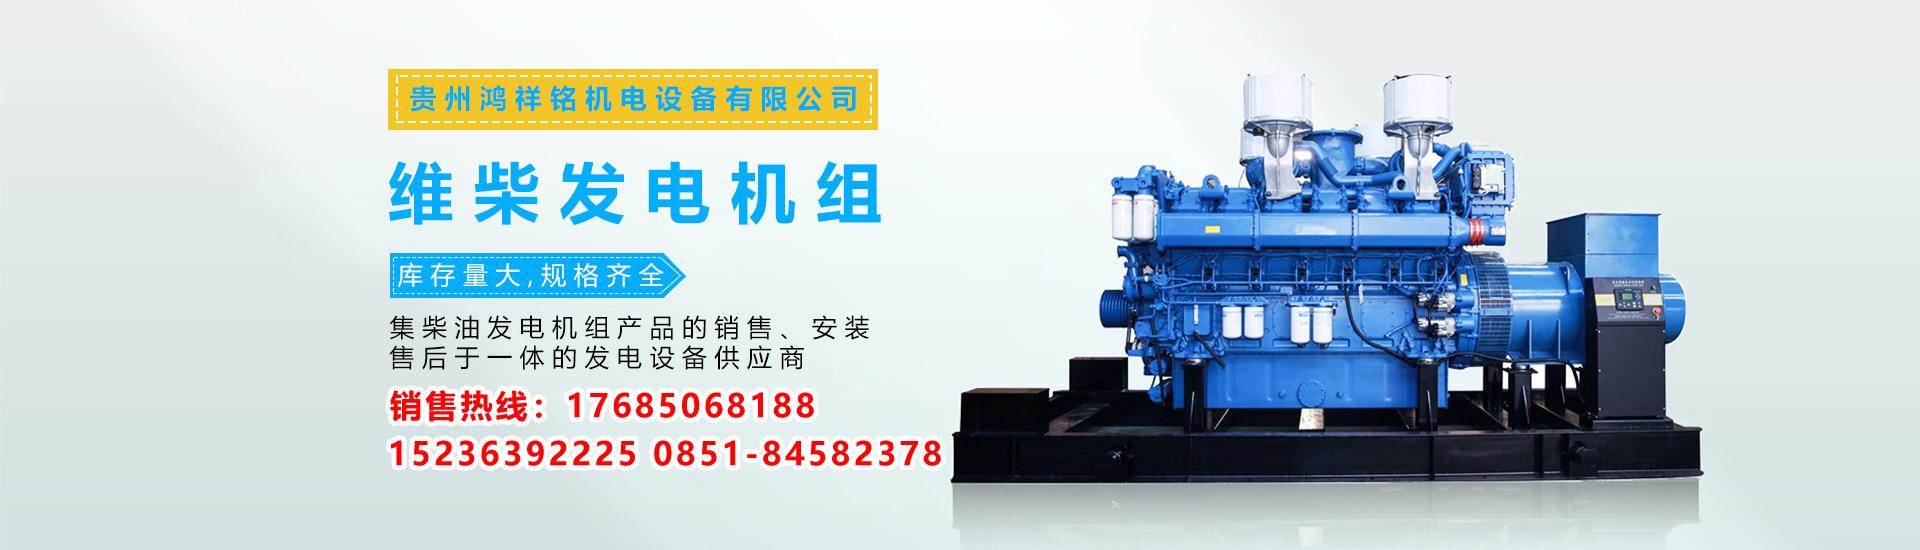 贵州发电机厂家